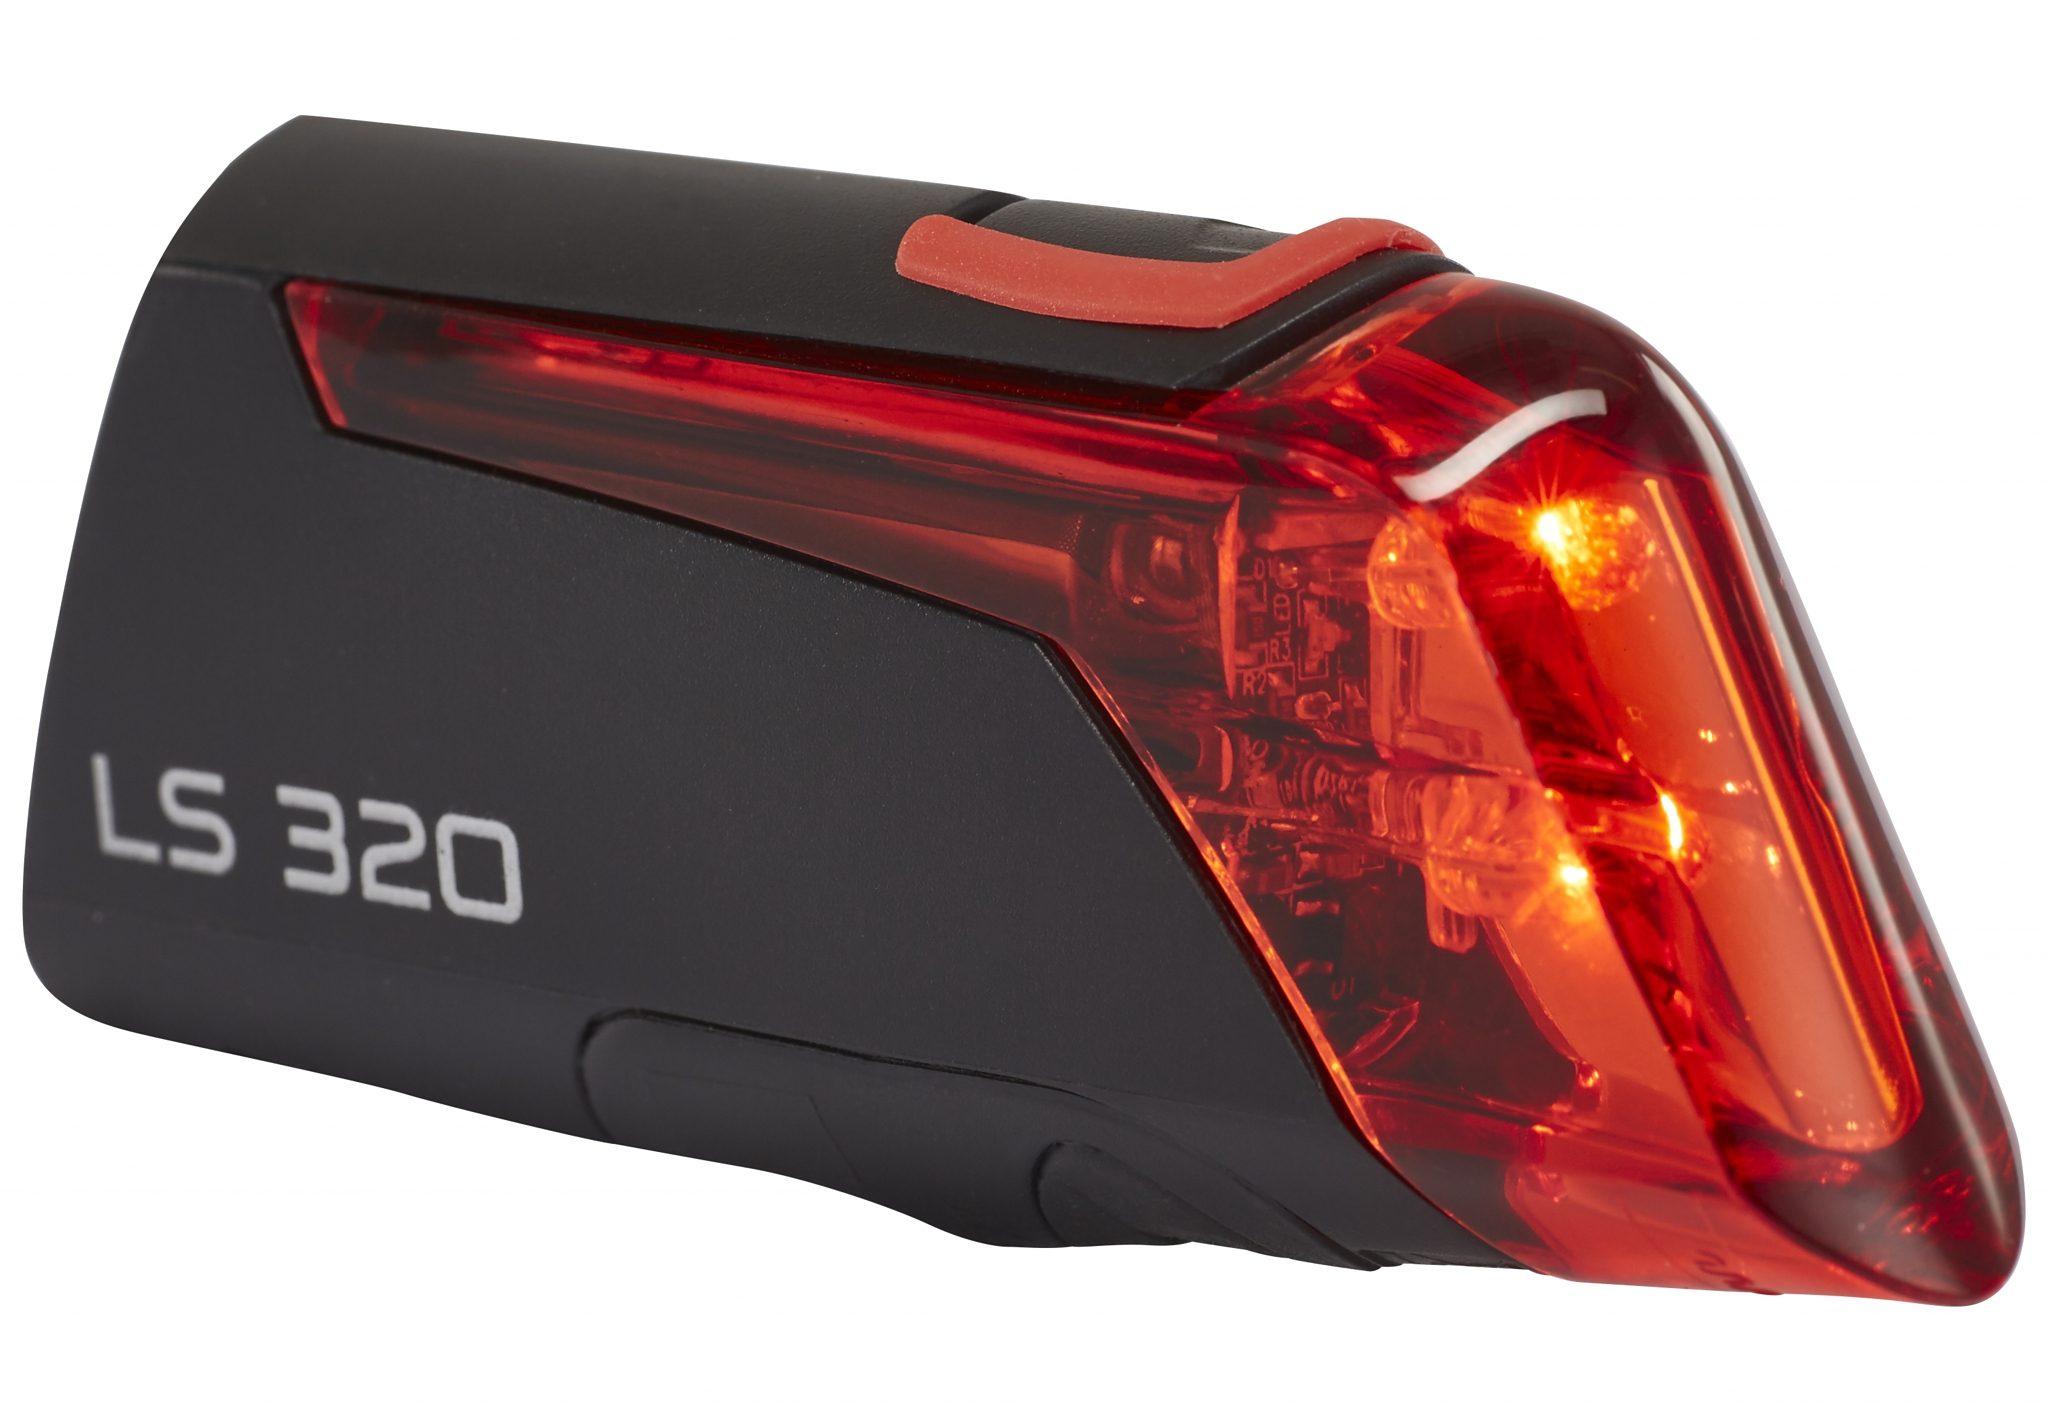 Trelock Fahrradbeleuchtung »LS 320 Rücklicht«